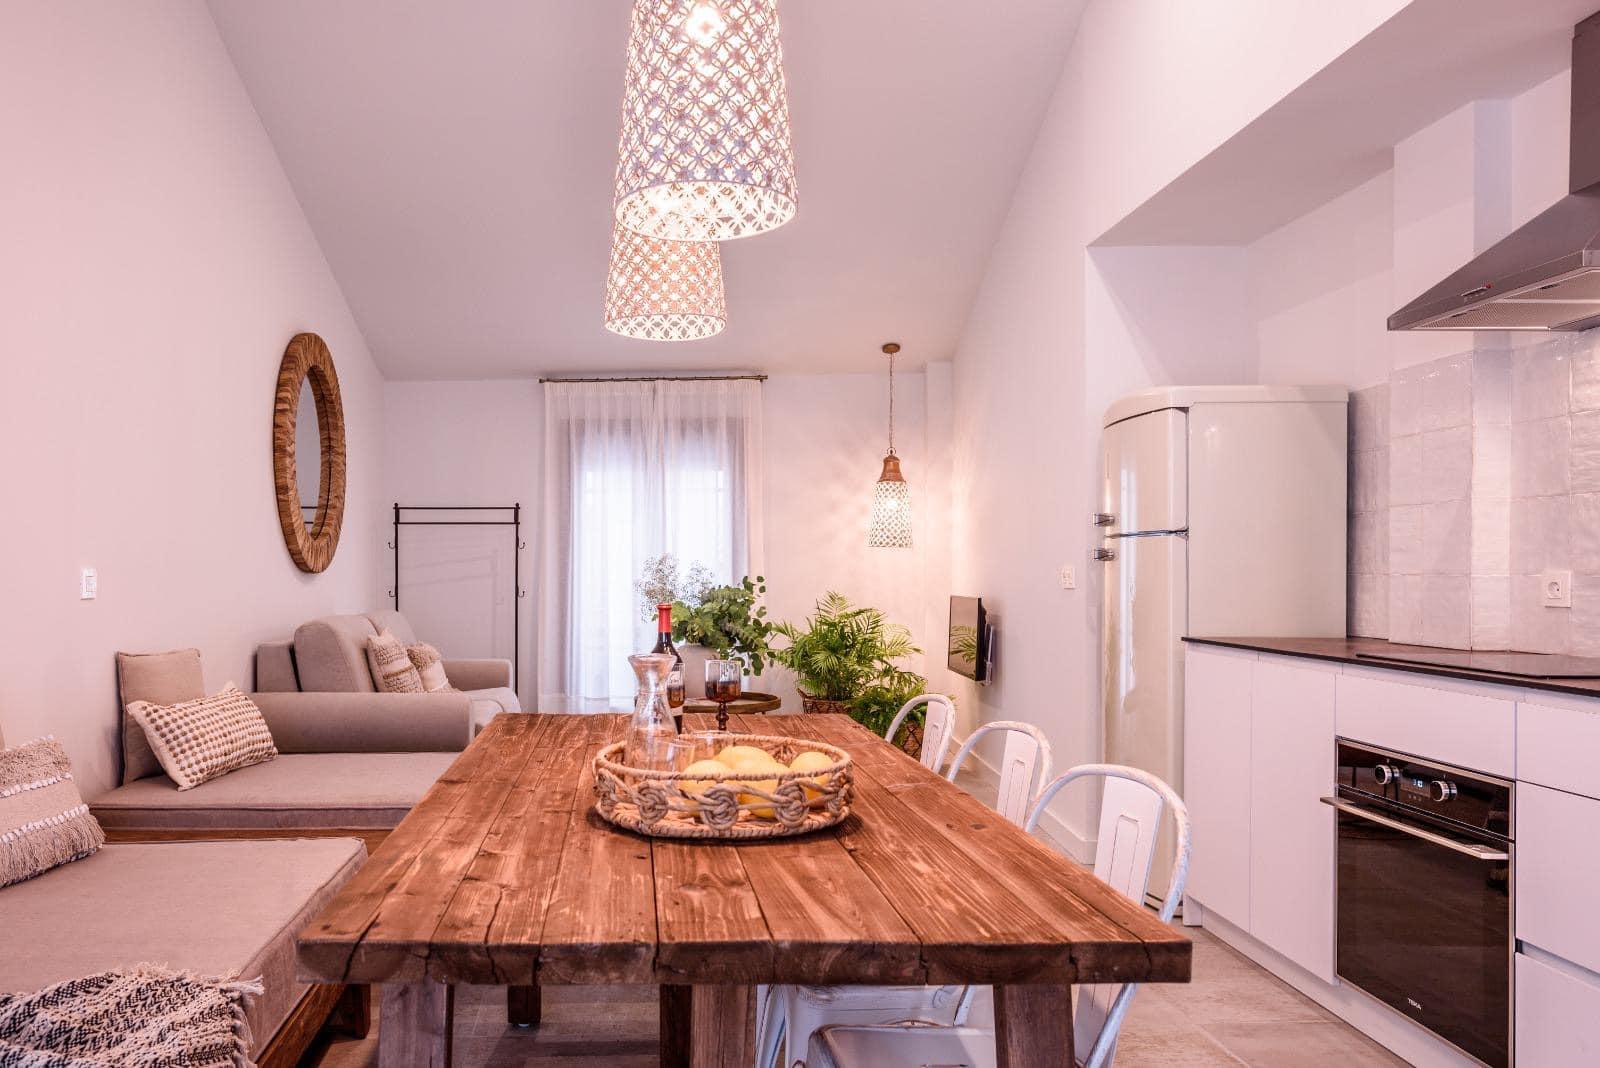 Opincan - Apartamentos turísticos en calle Candil, Granada